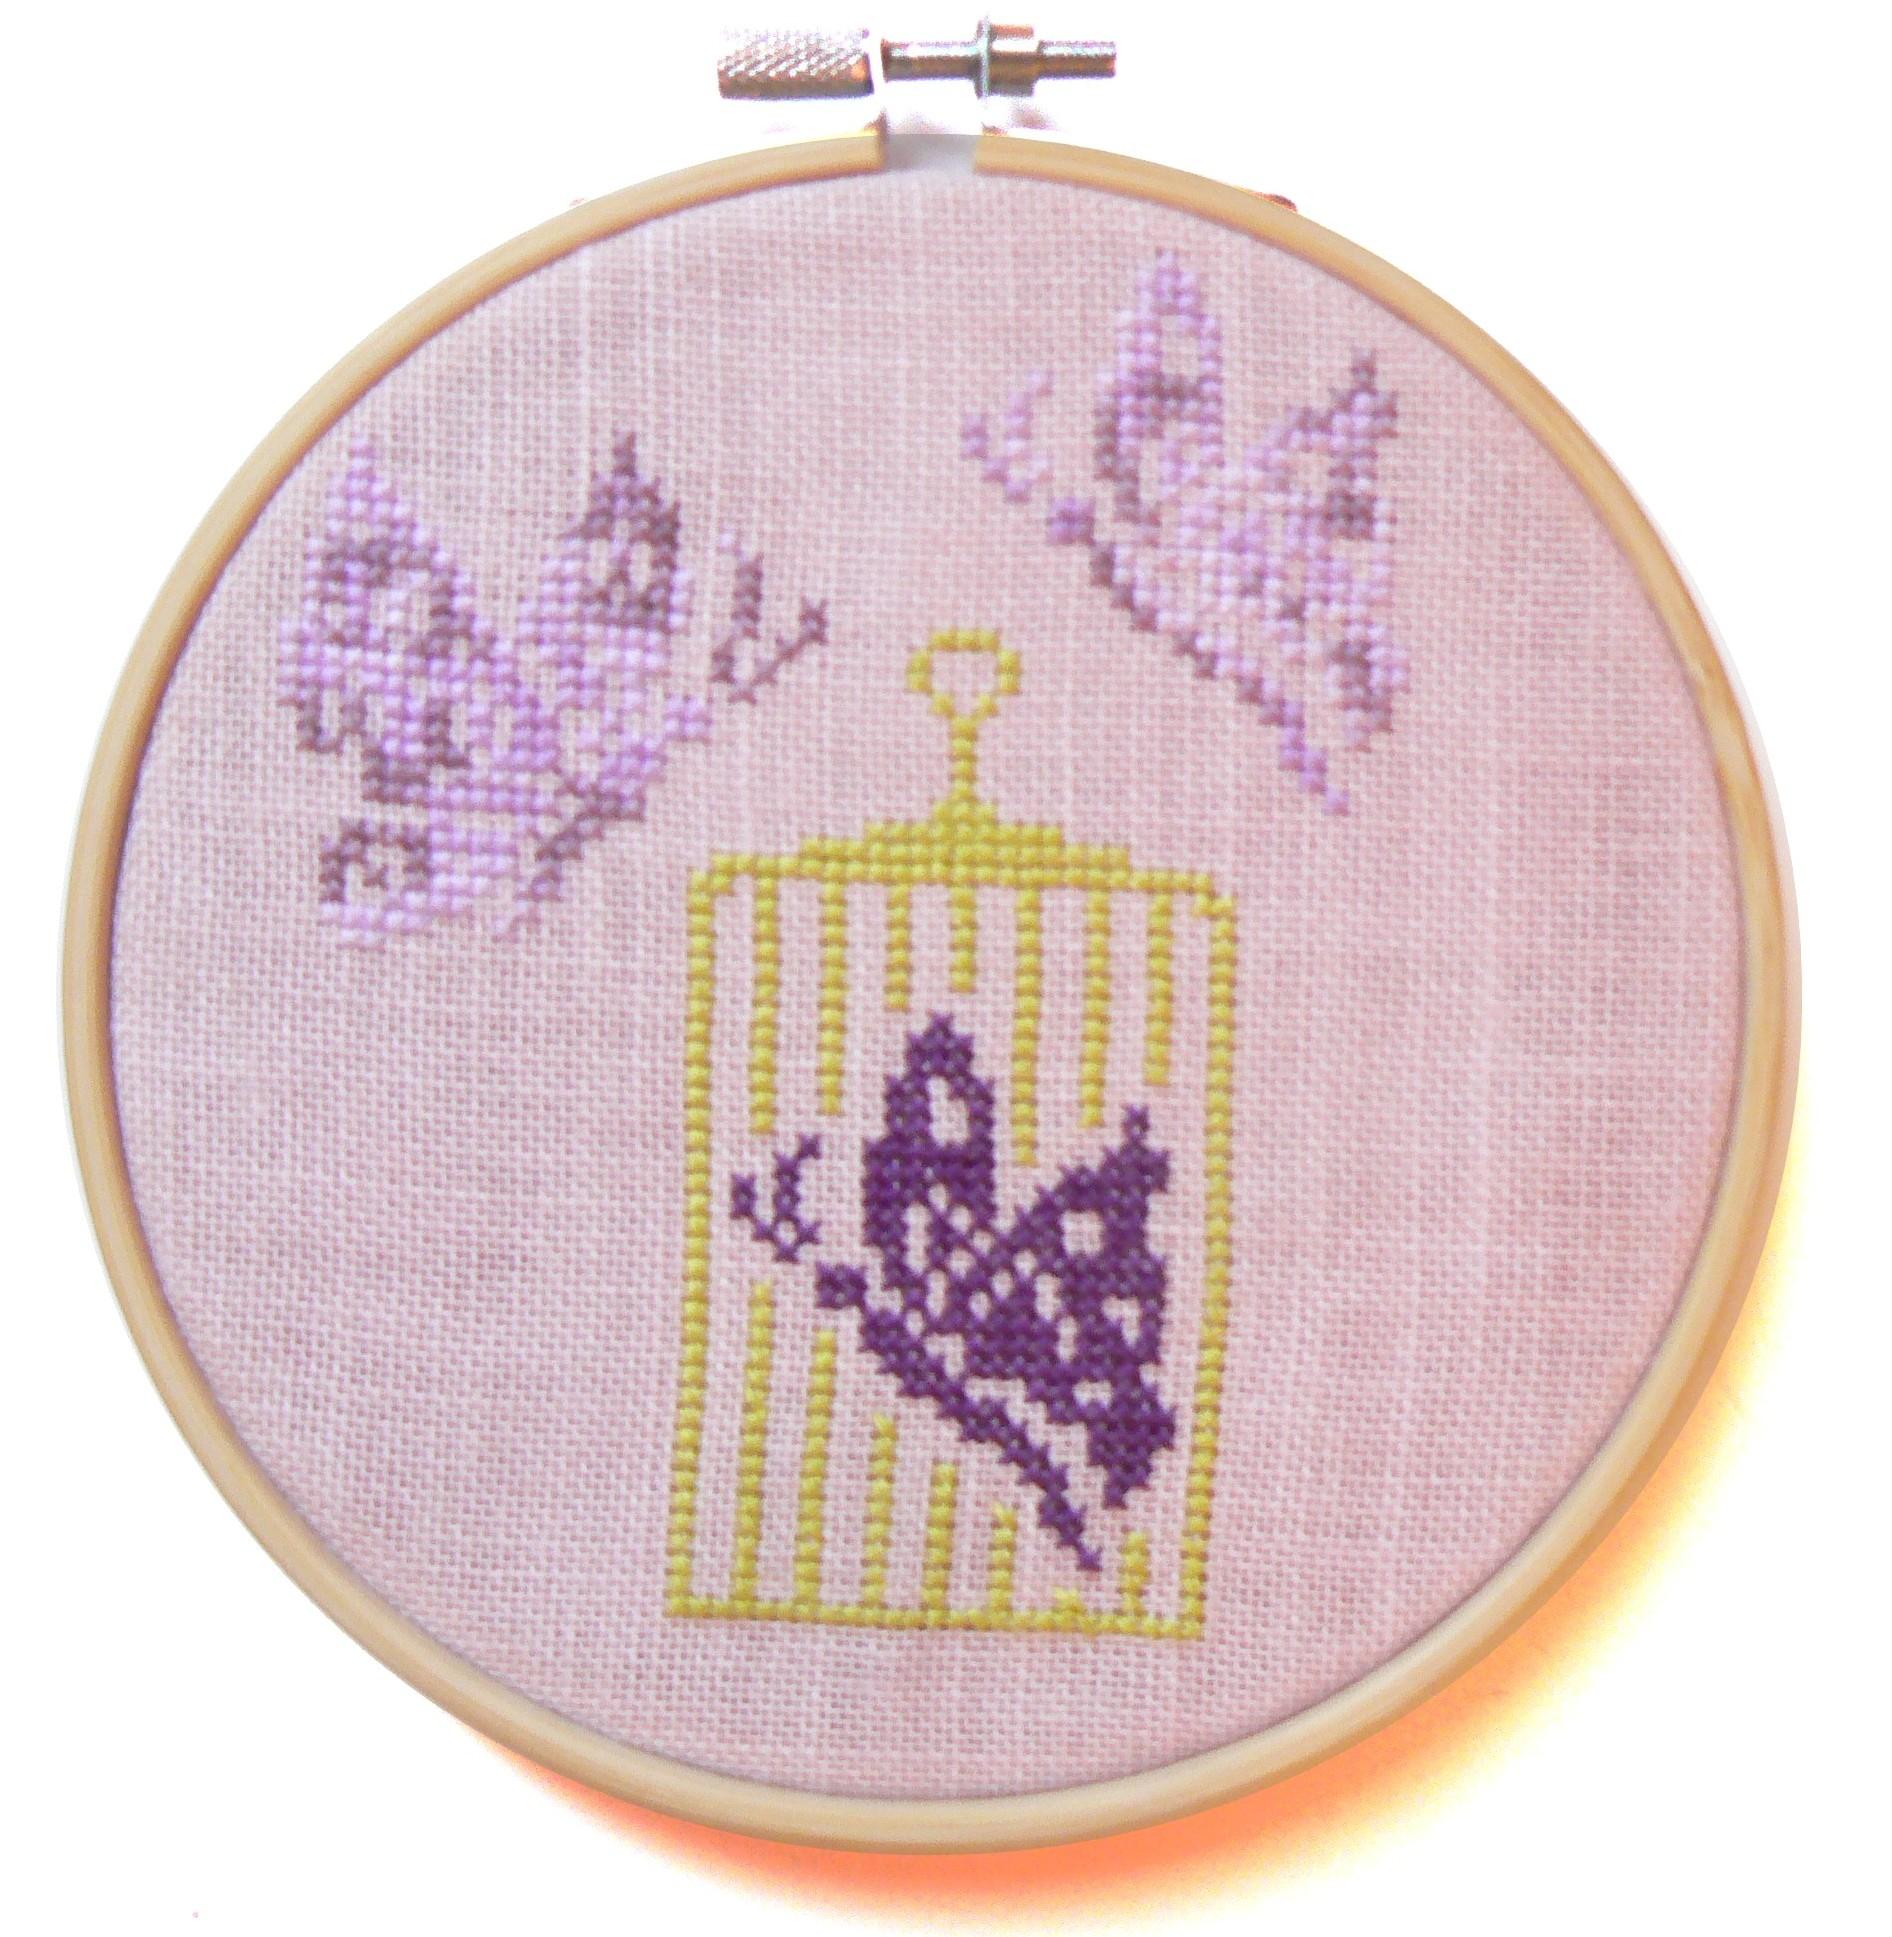 Mod le de broderie au point de croix la cage aux papillons - Apprendre le point de croix ...